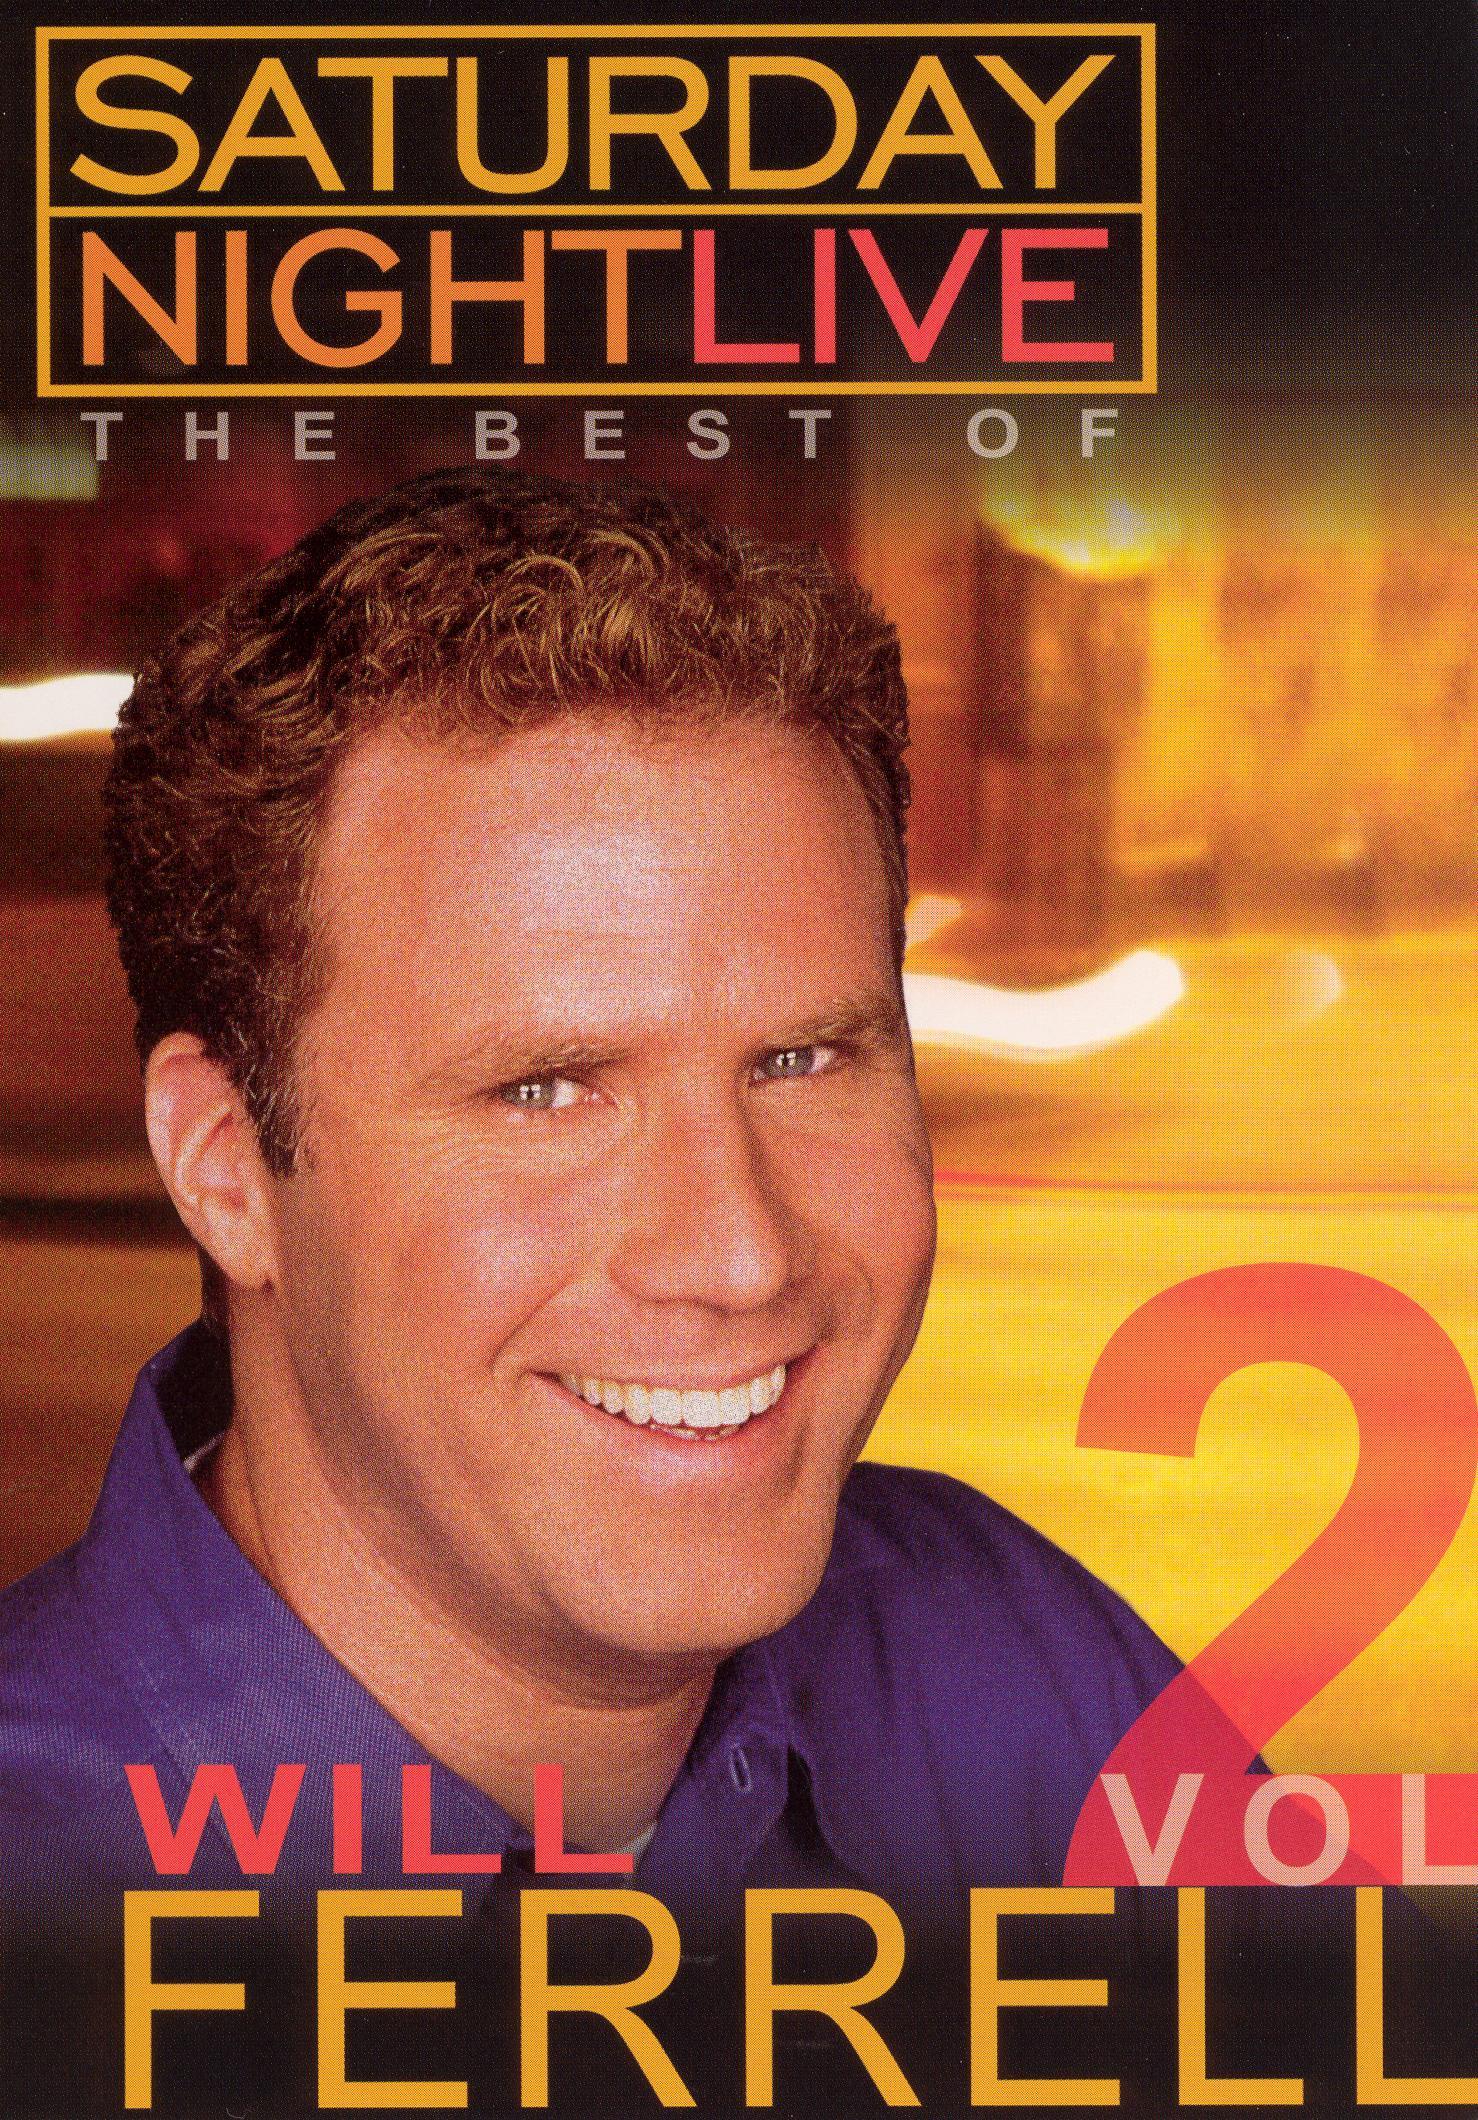 Saturday Night Live: The Best of Will Farrell, Vol. 2